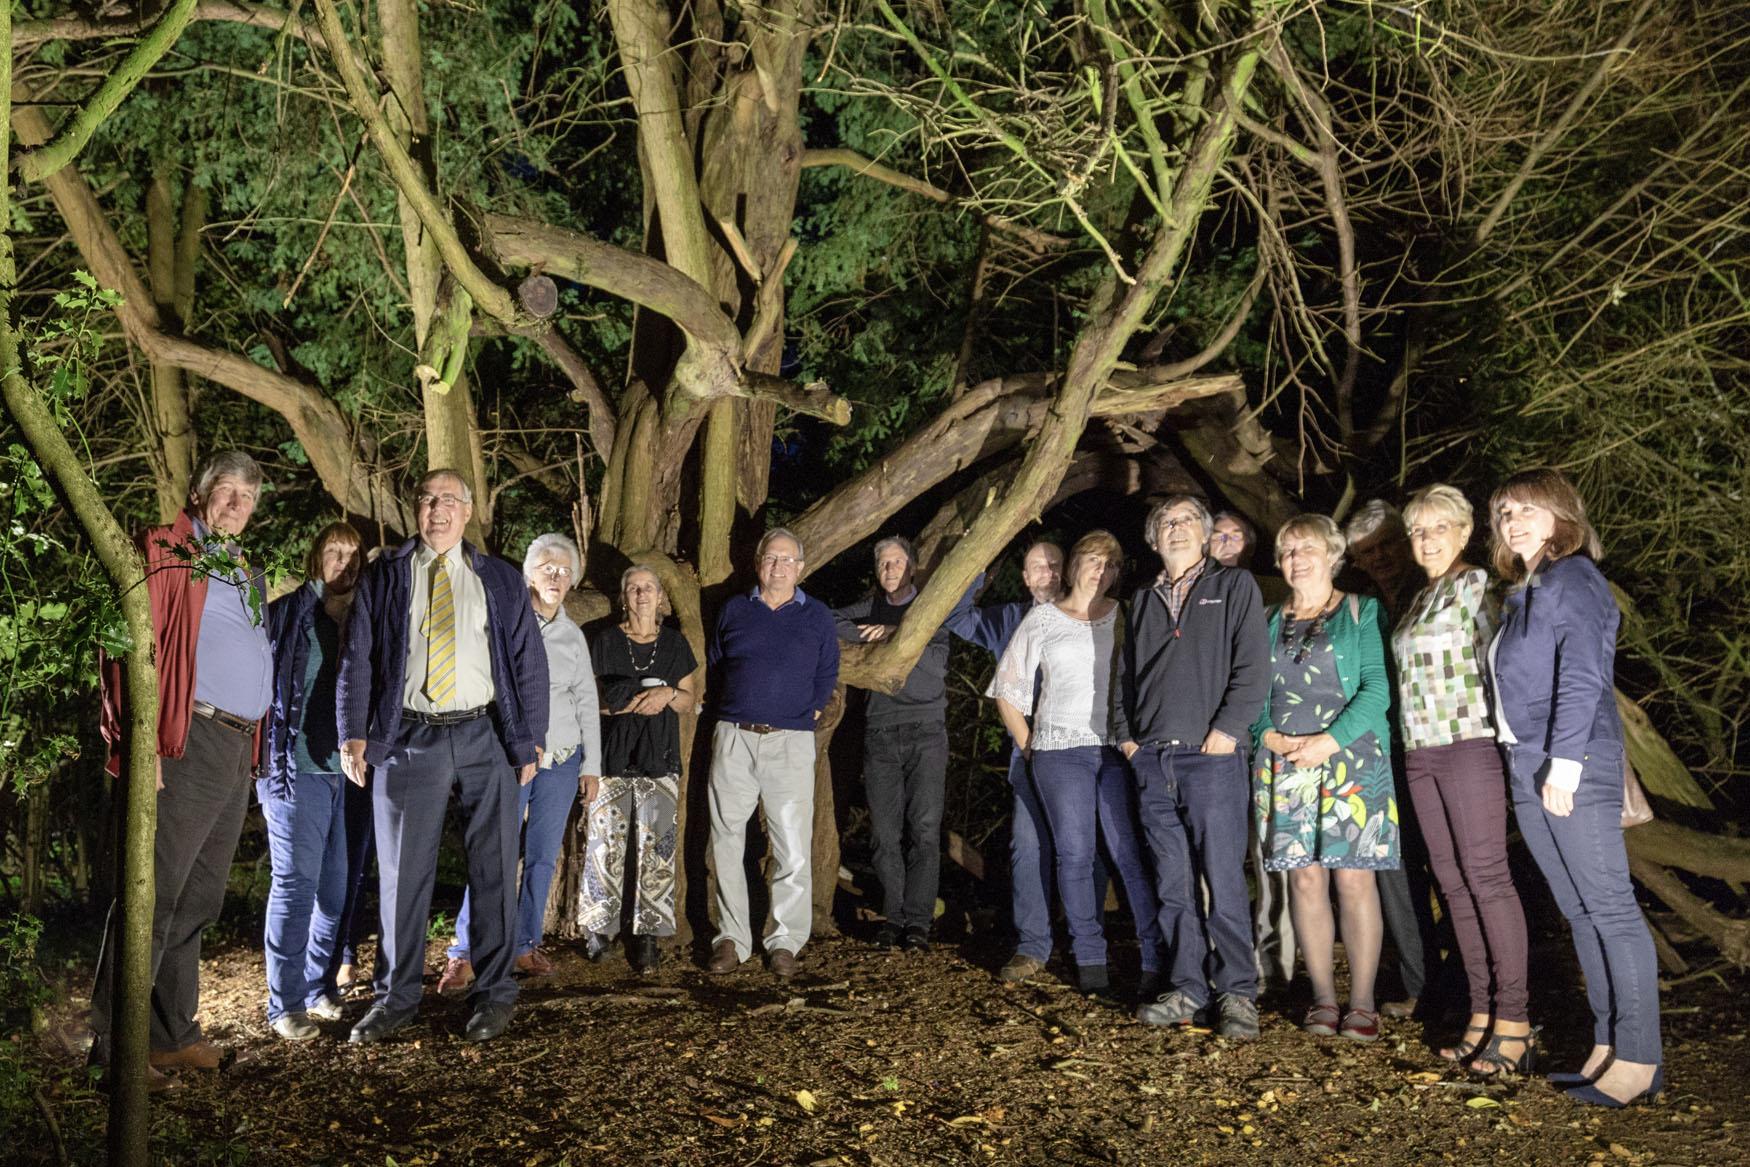 Group At Tree